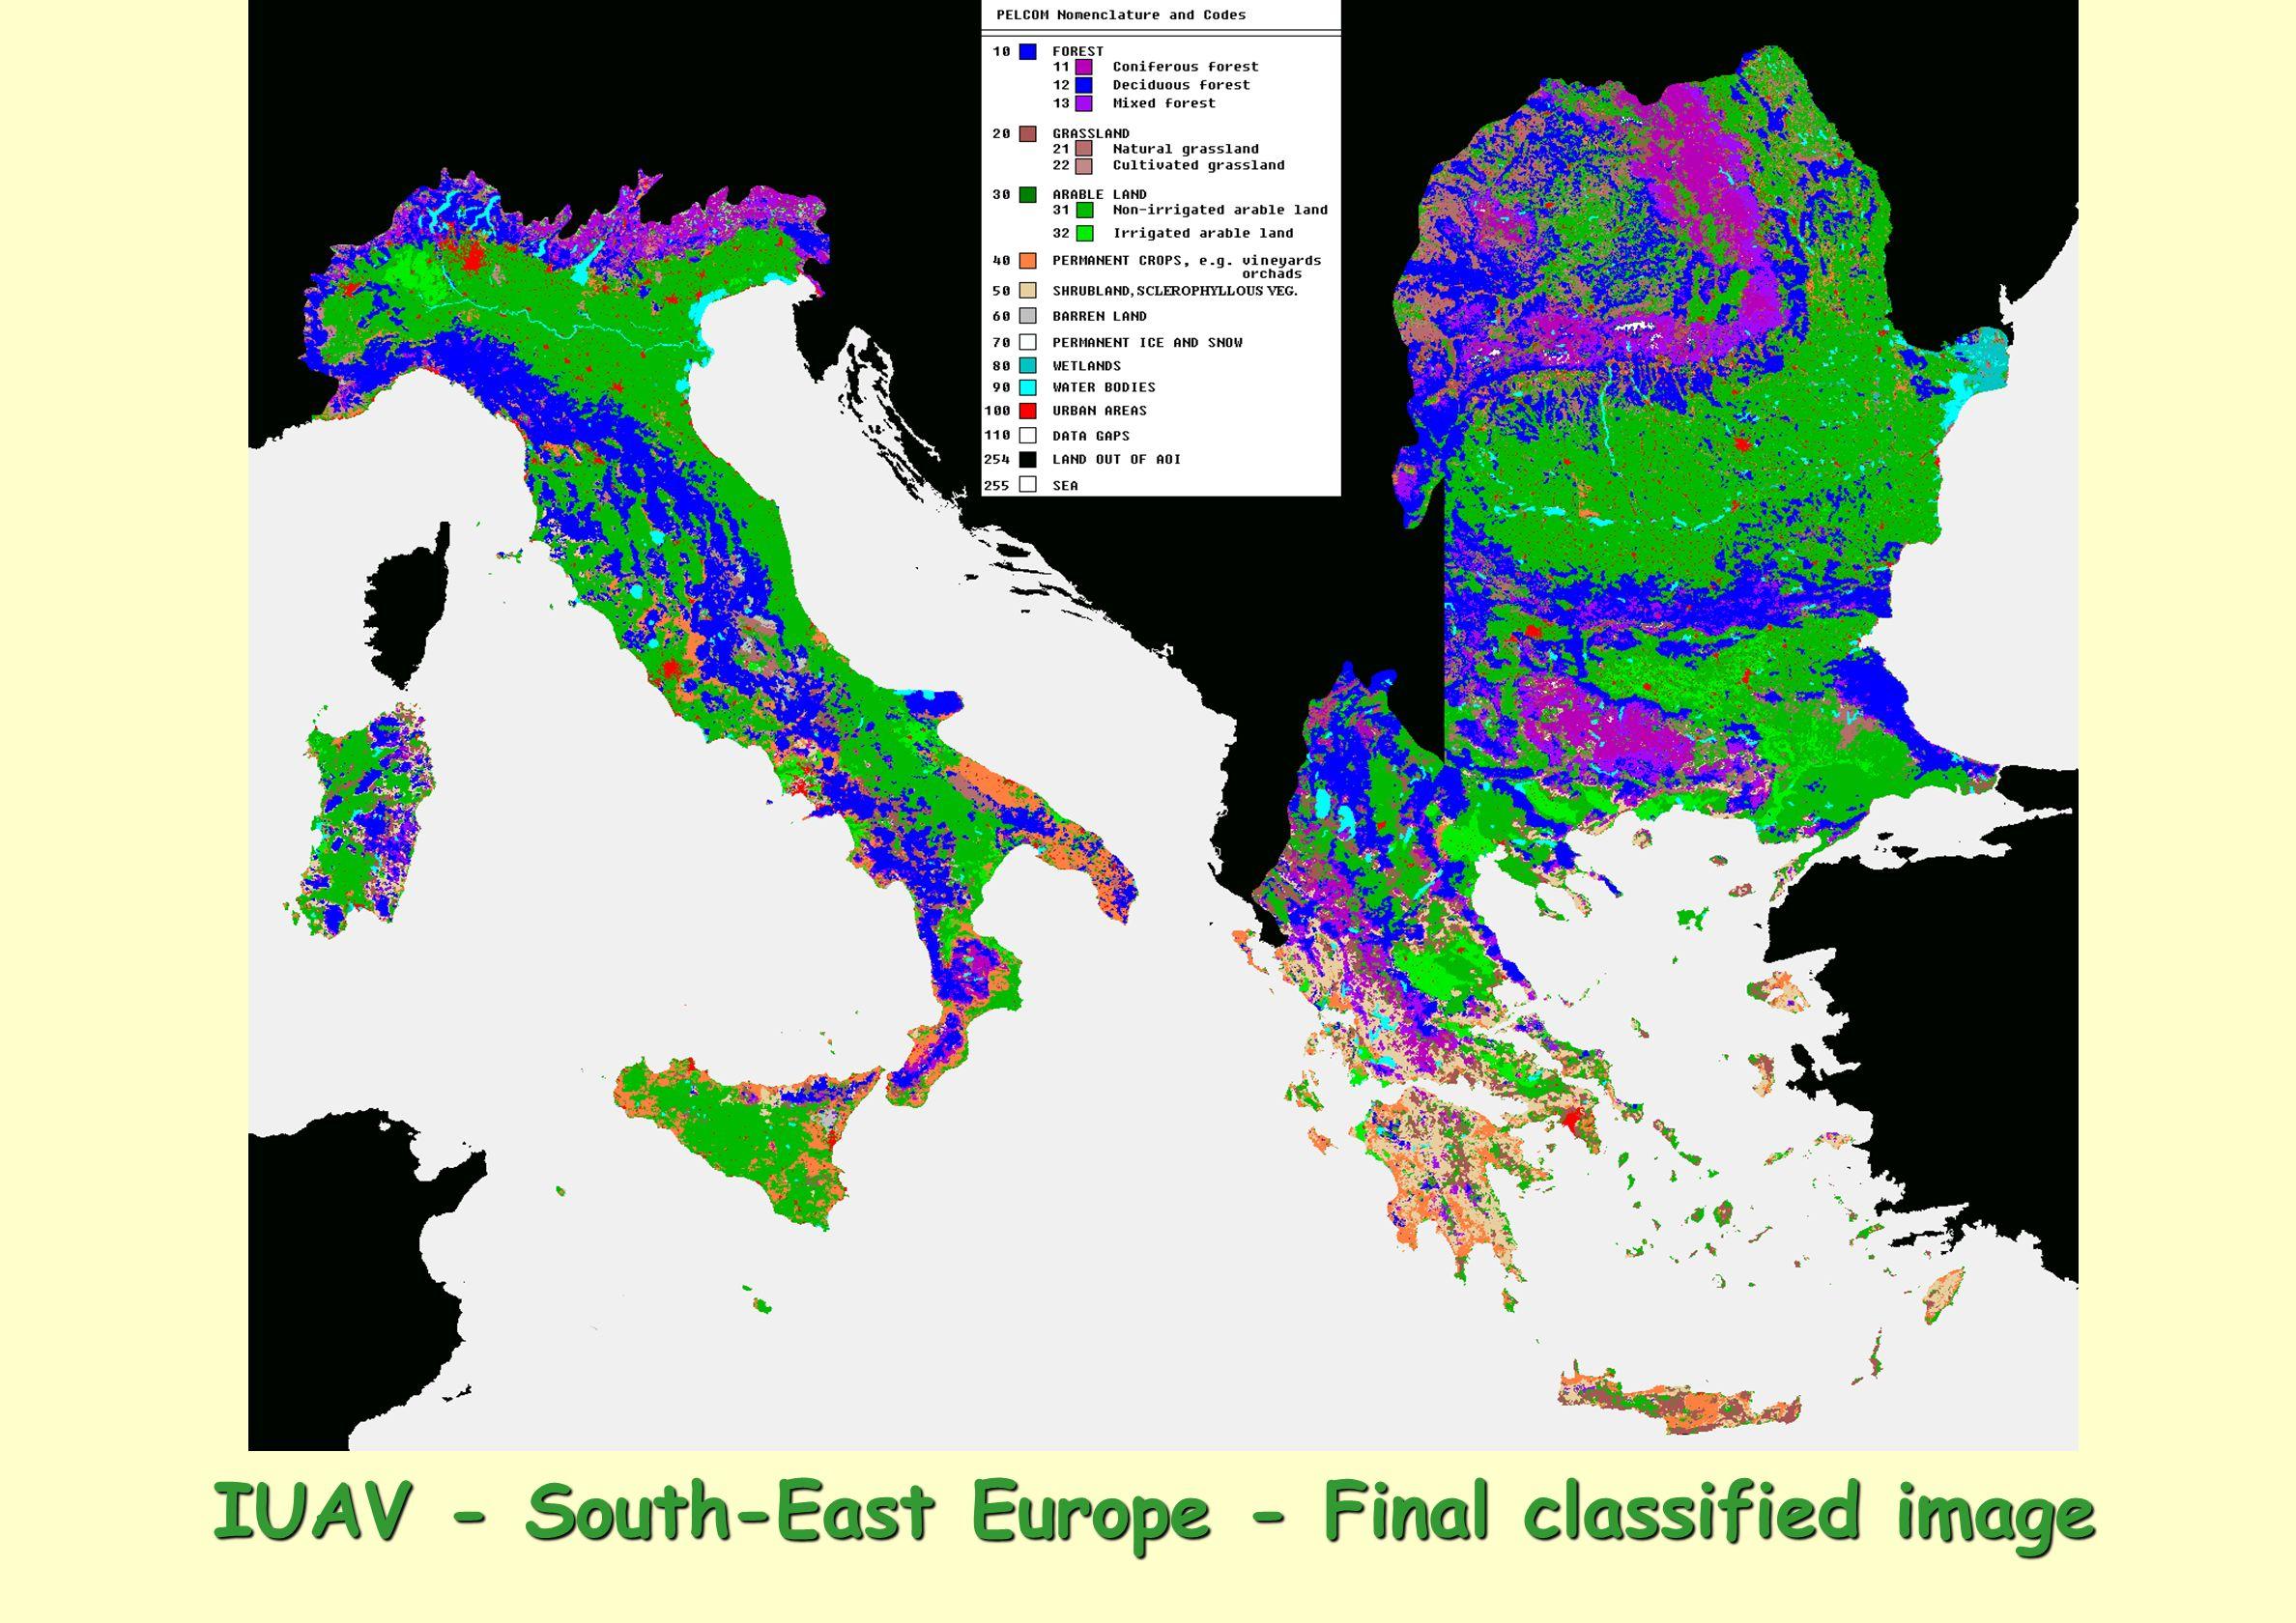 IUAV - South-East Europe - Final classified image